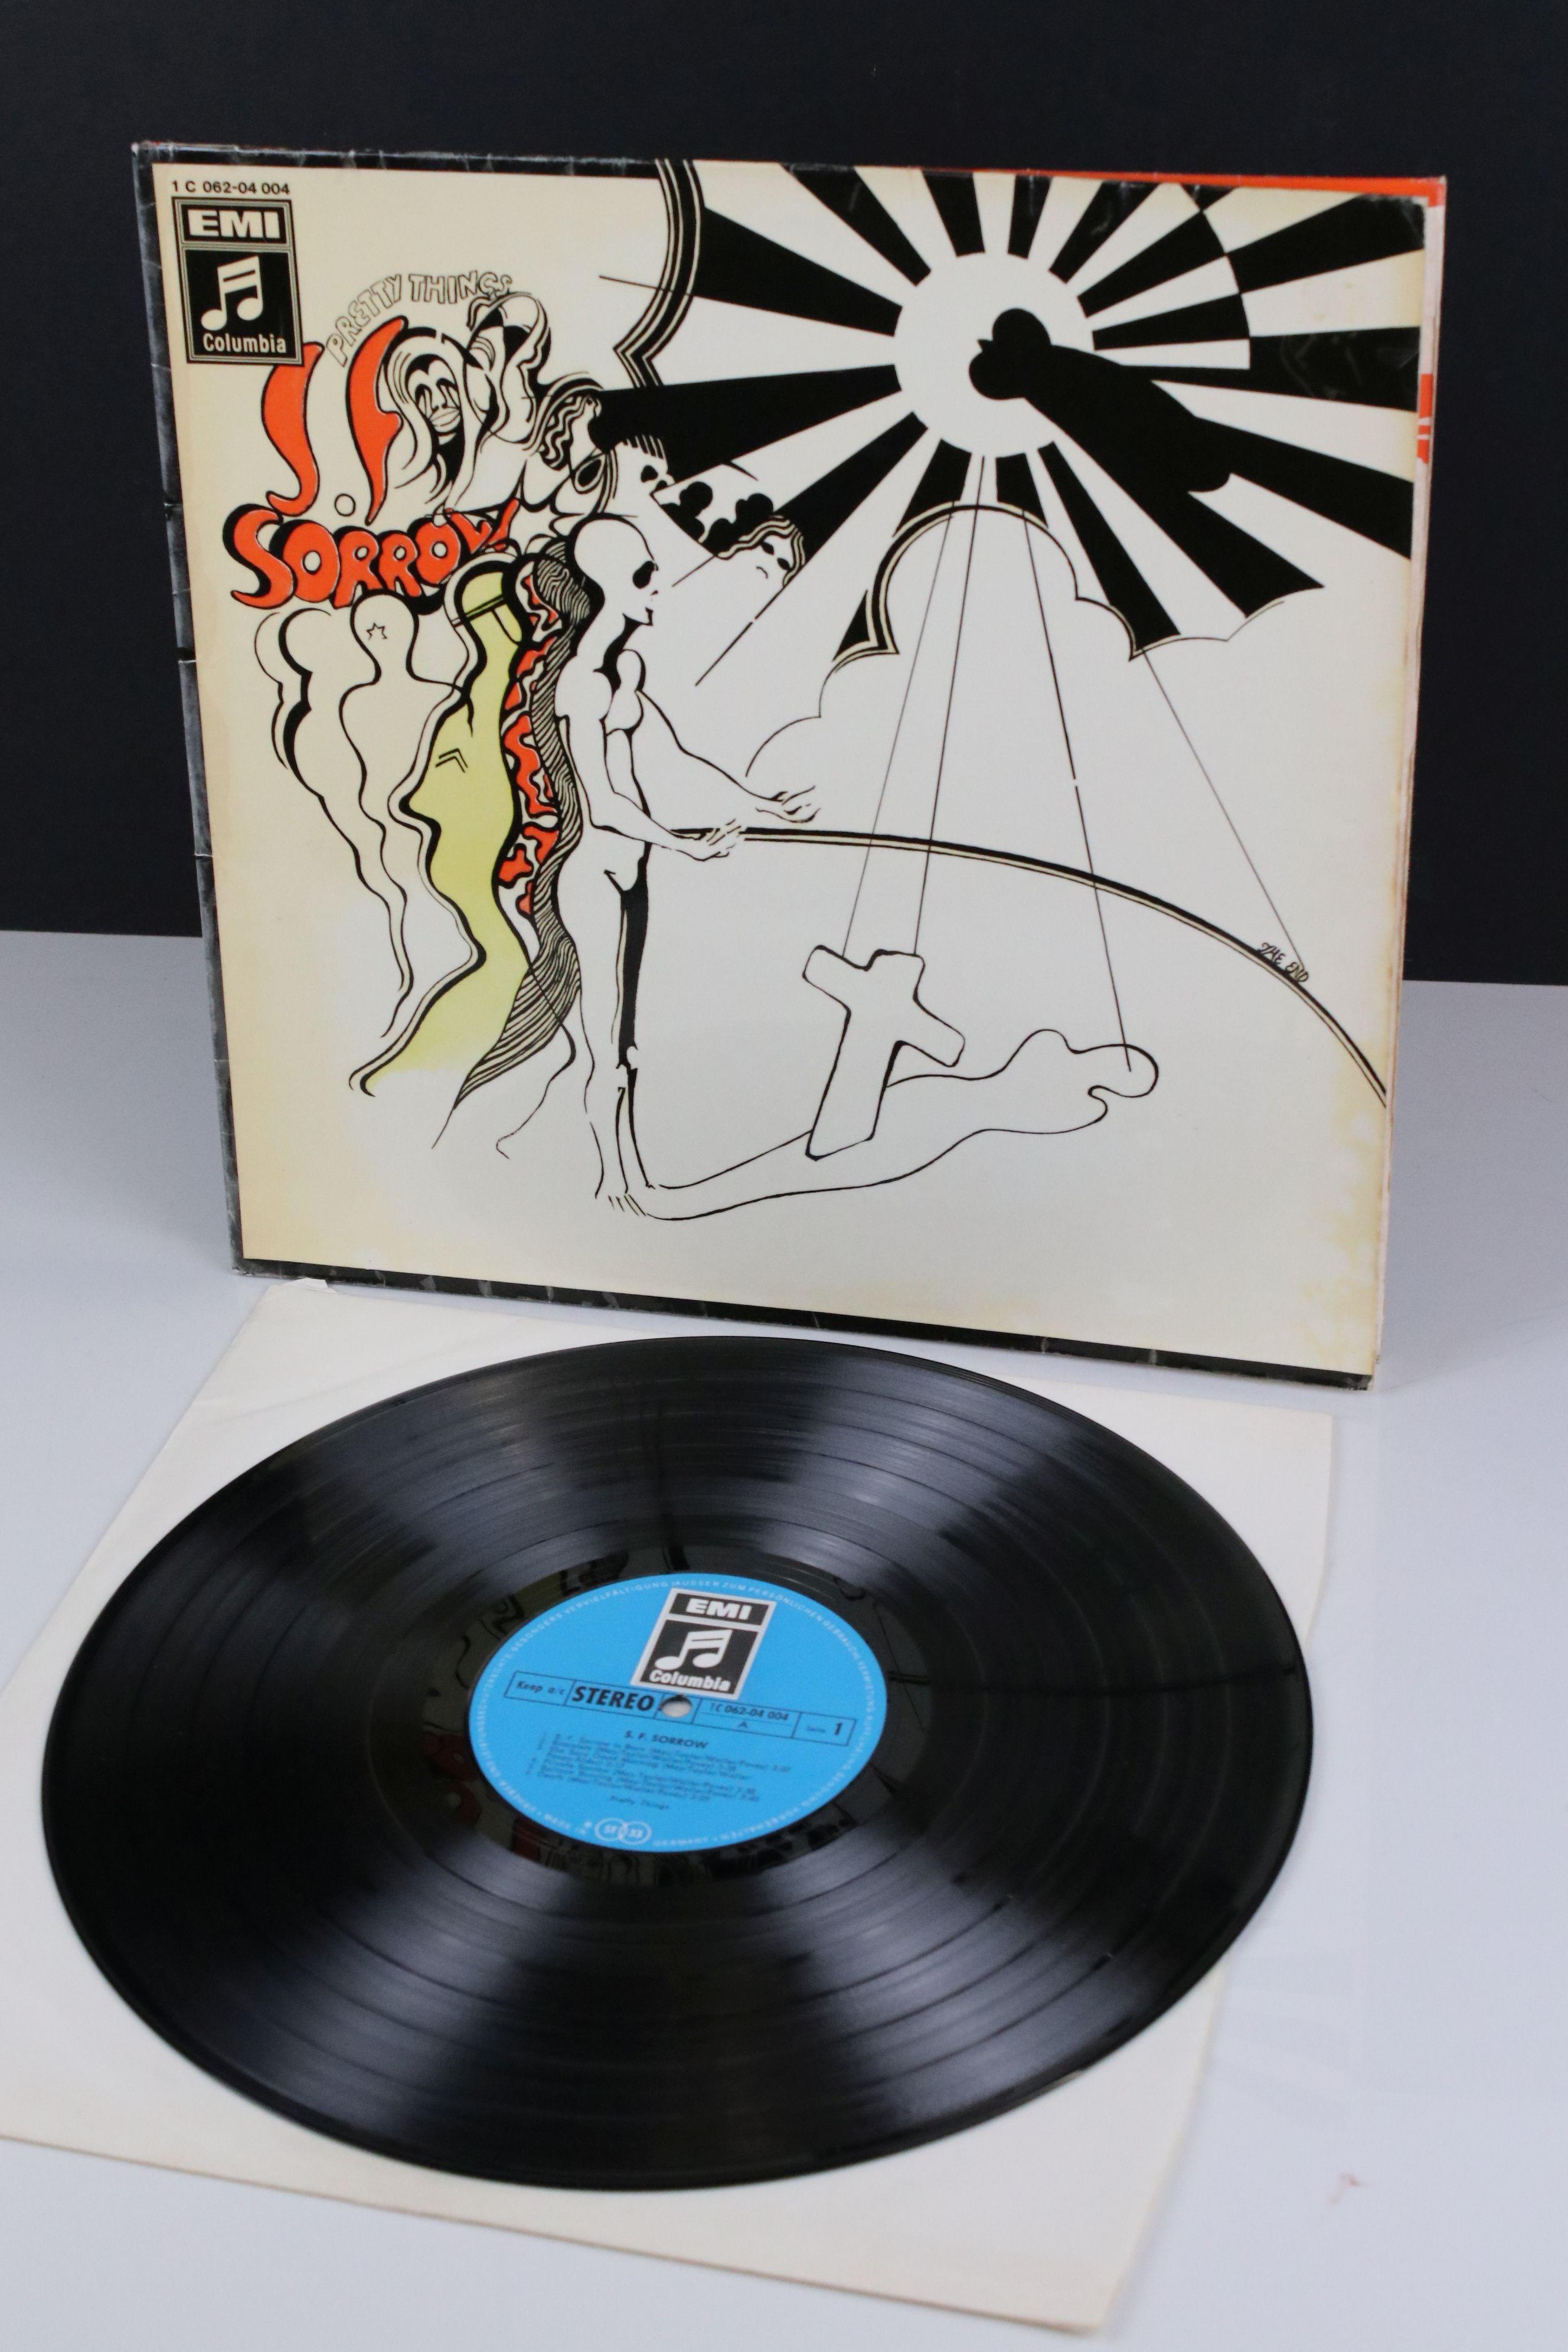 Vinyl - Pretty Things SF Sorrow LP on Columbia IC06204004 German pressing, gatefold sleeve, sleeve